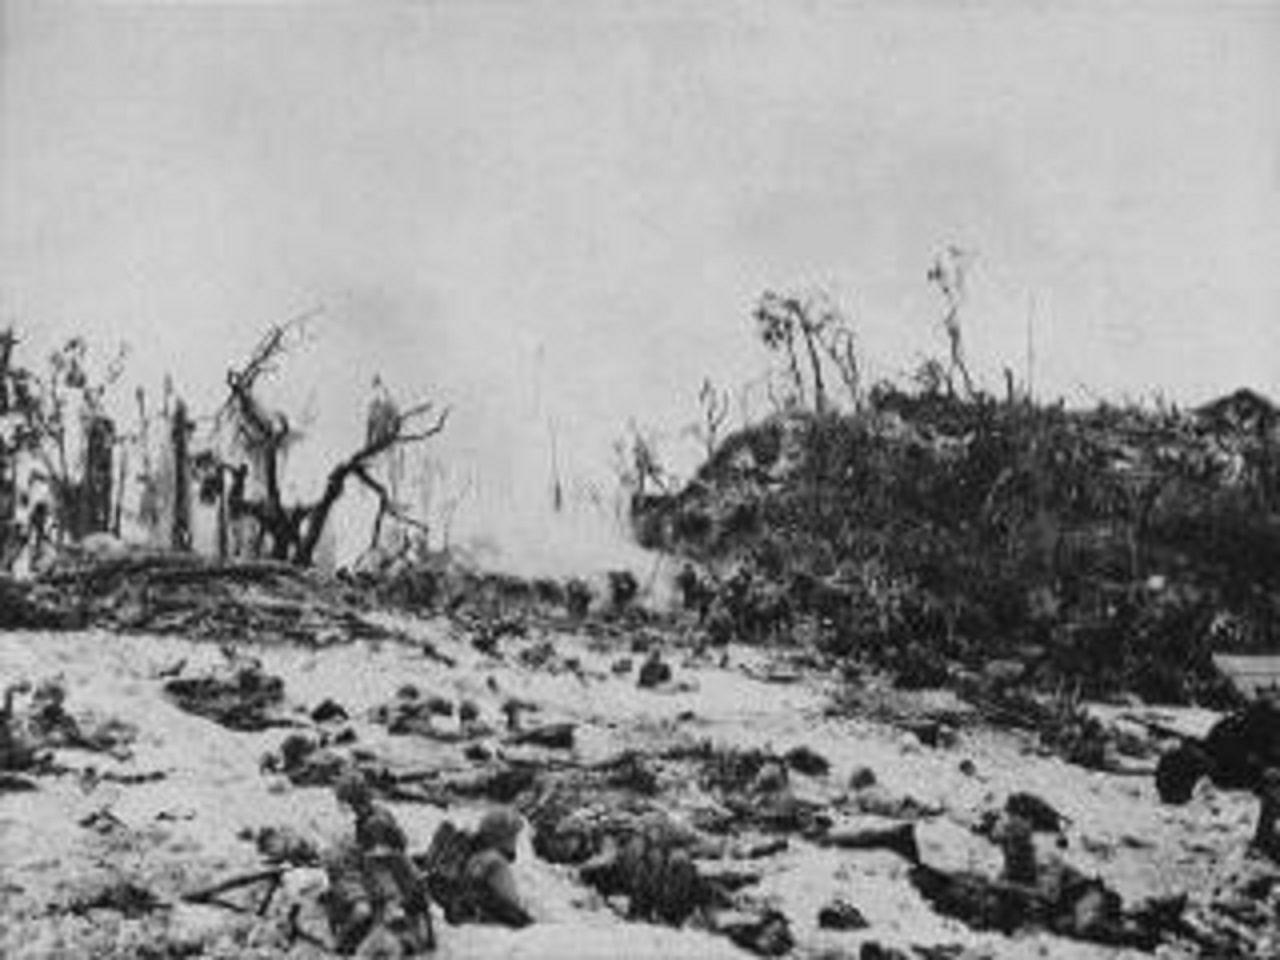 太平洋戦争史ブログ